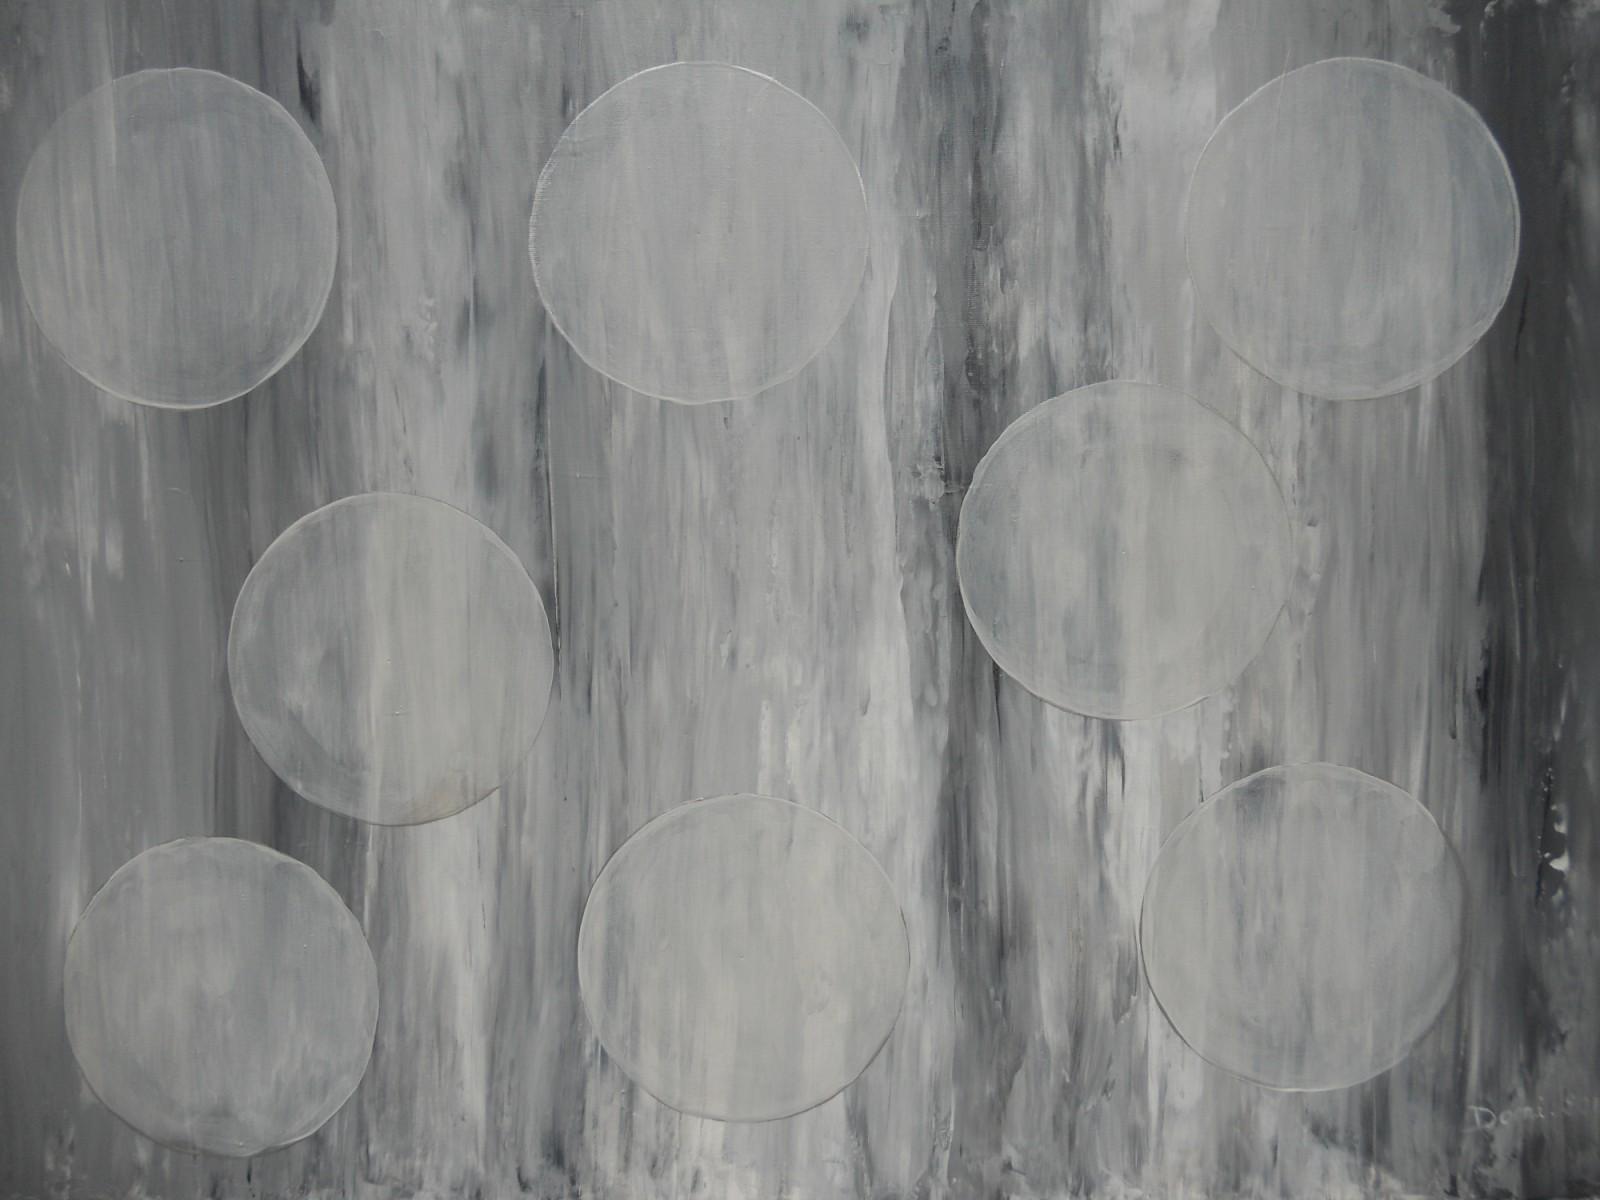 Bulles, acrylique, 70x50